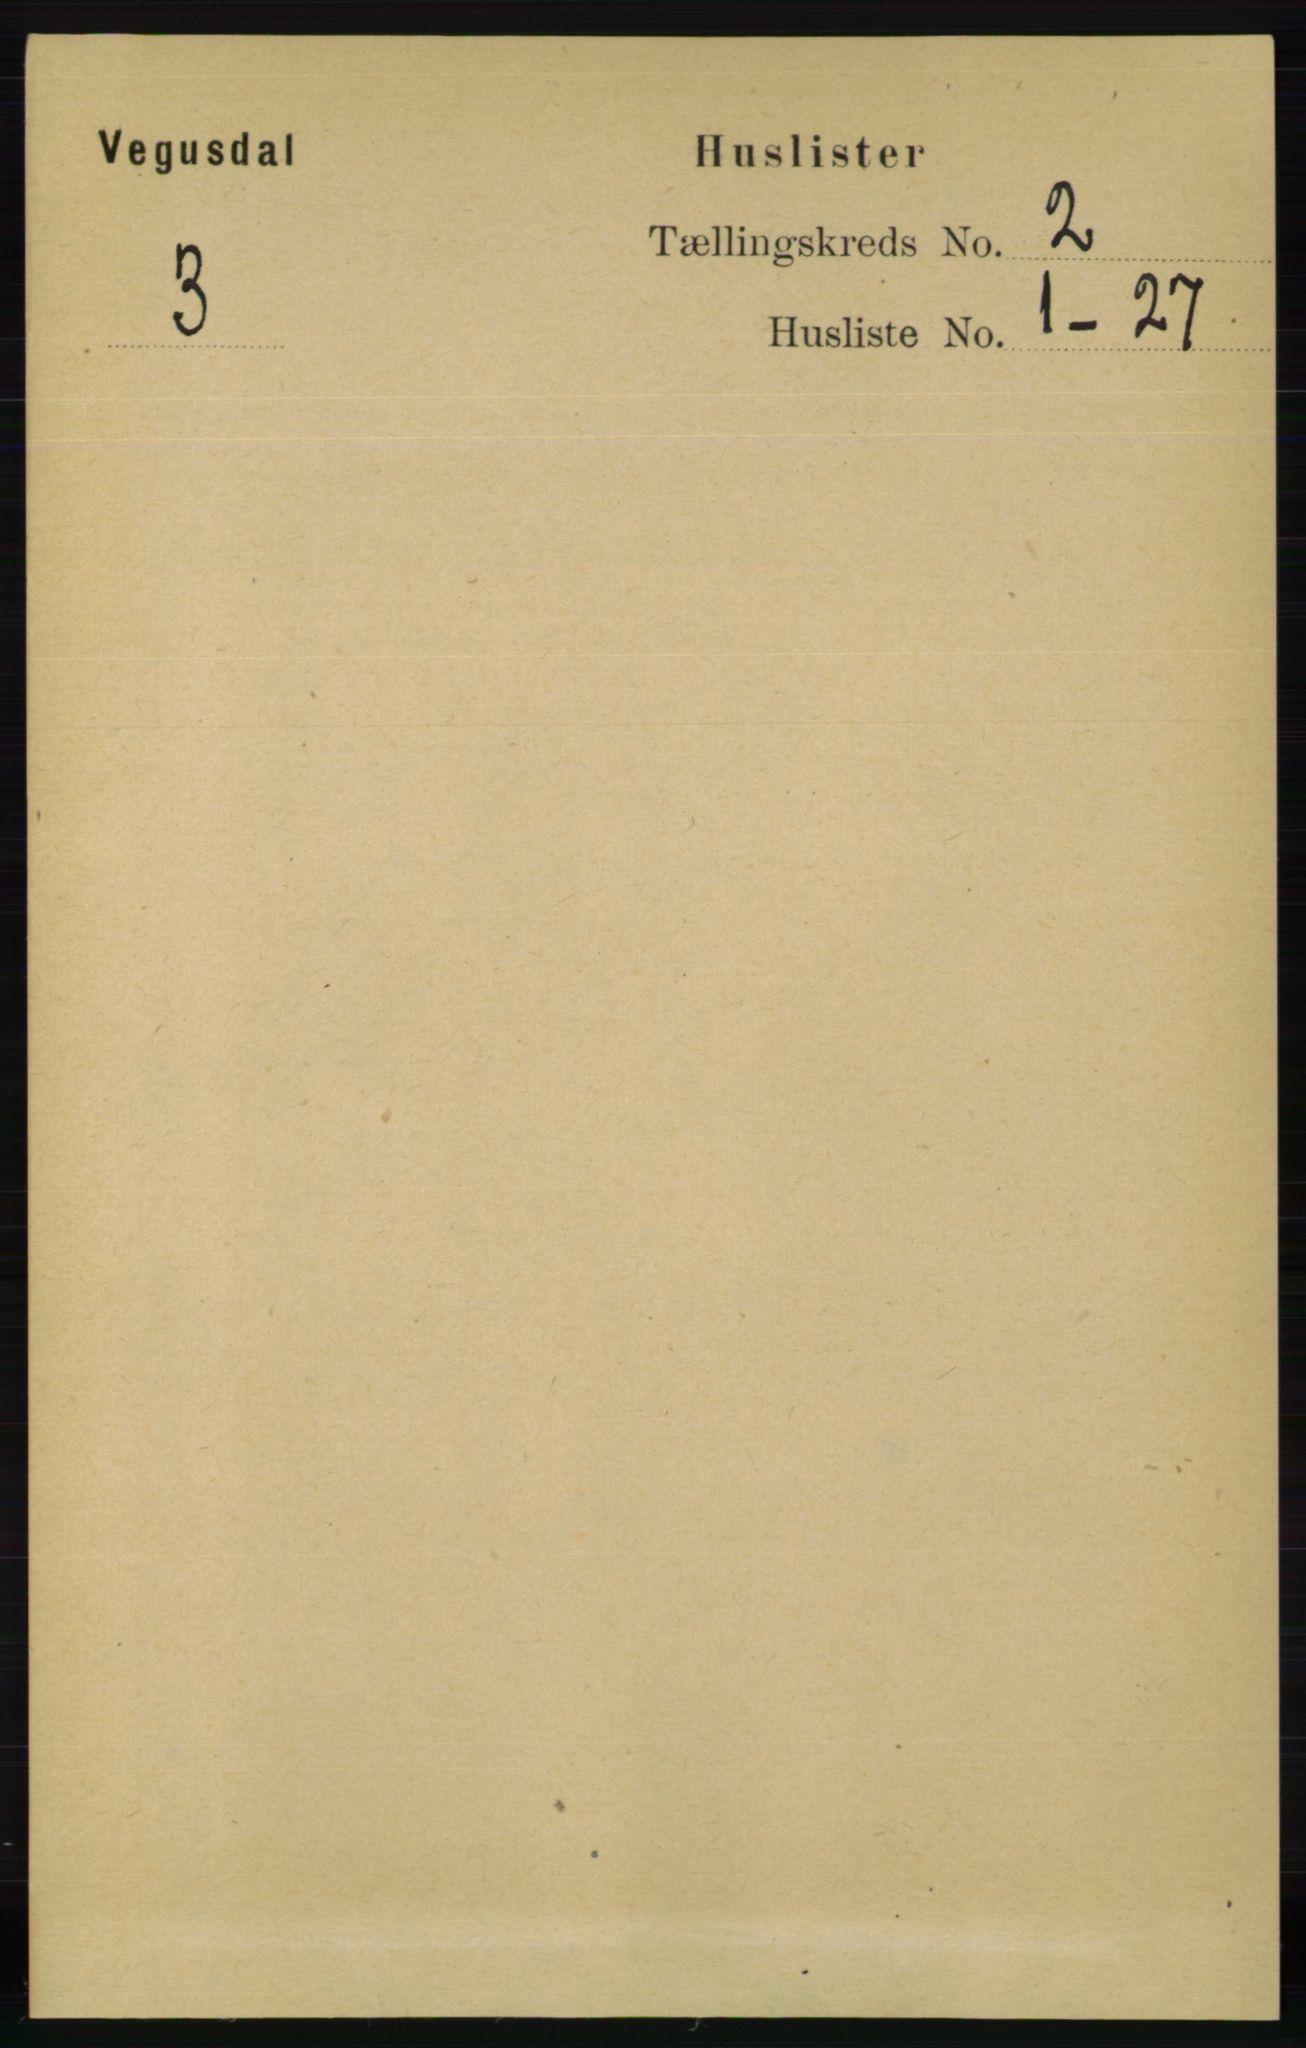 RA, Folketelling 1891 for 0934 Vegusdal herred, 1891, s. 289